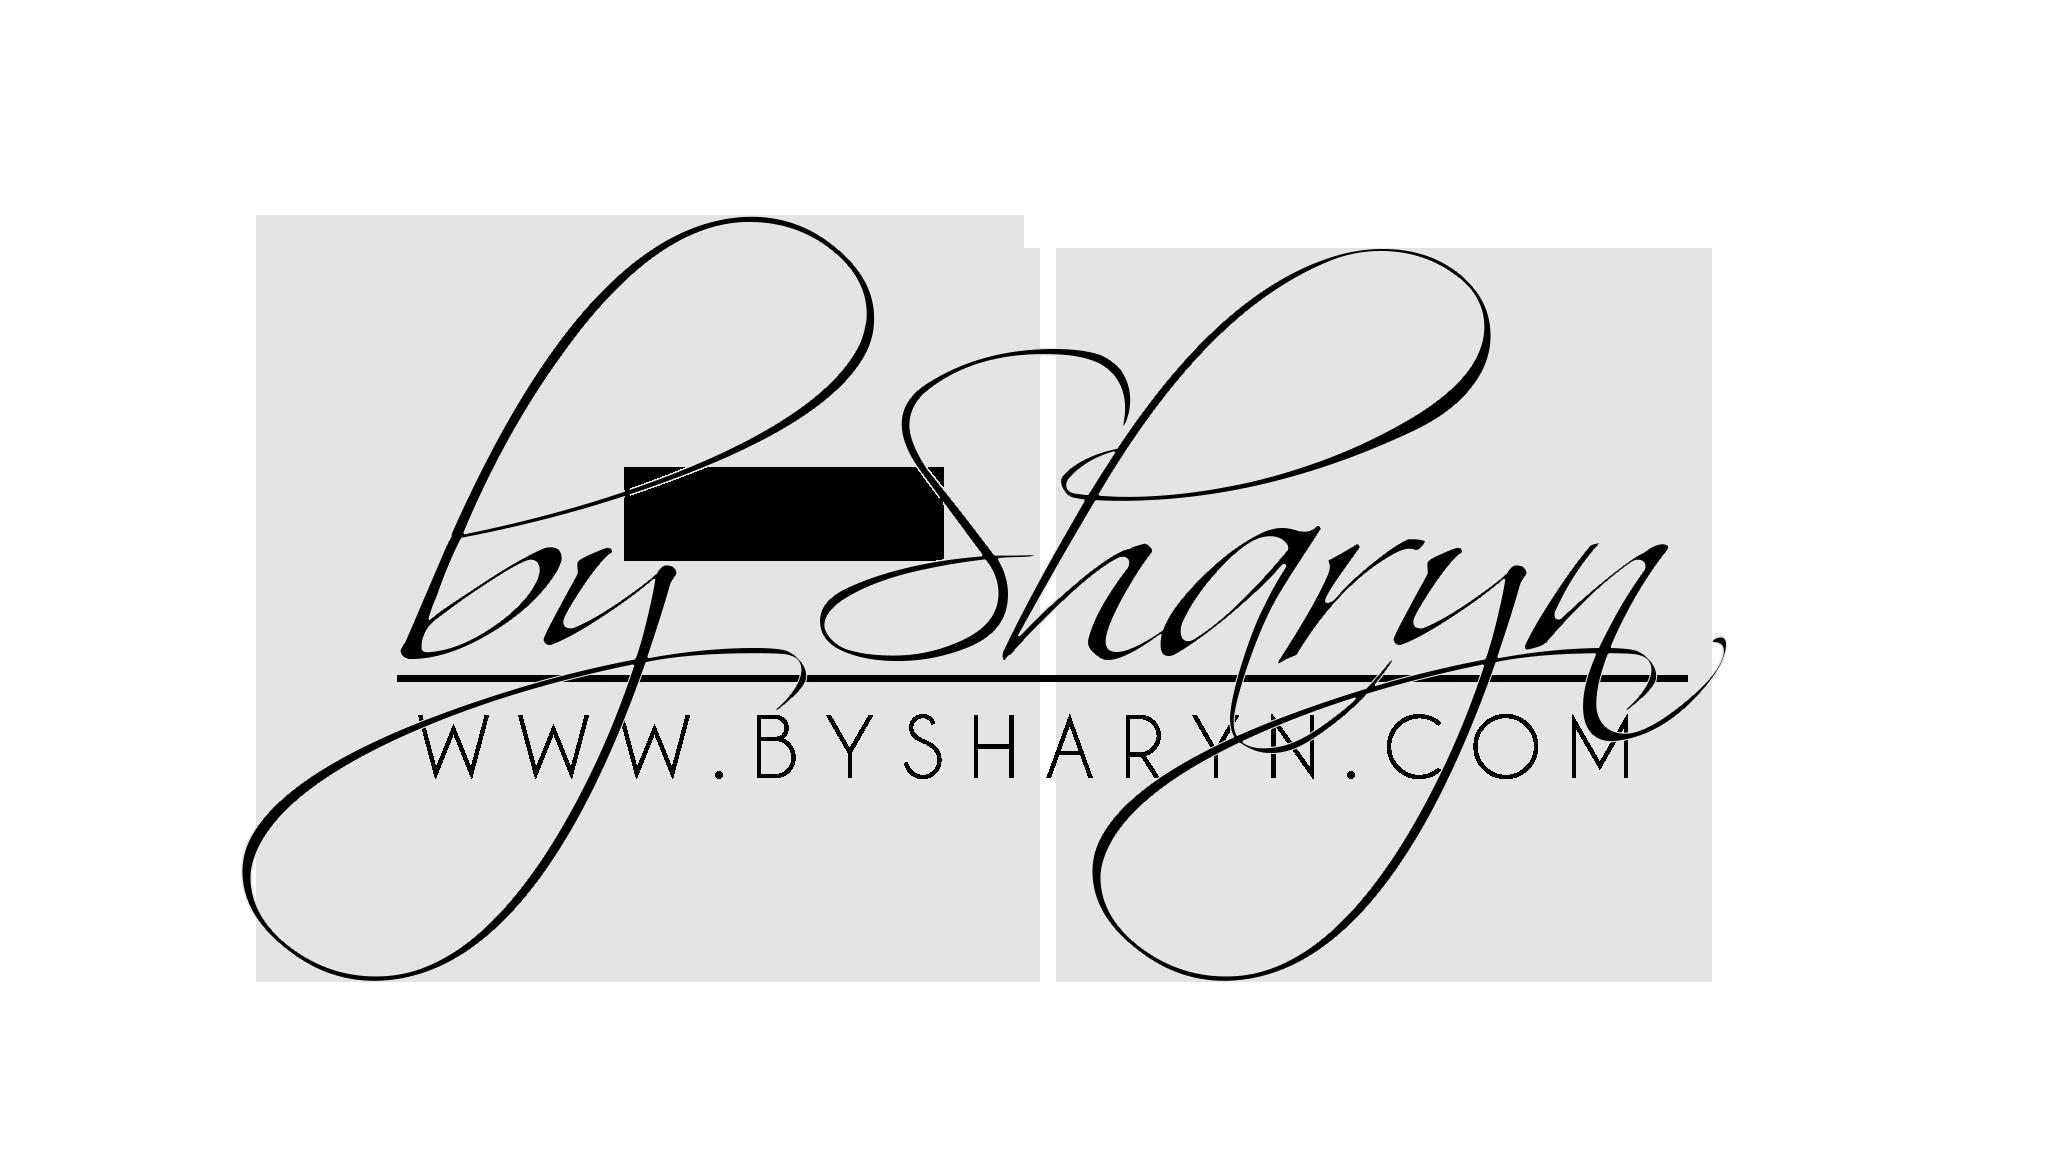 by Sharyn